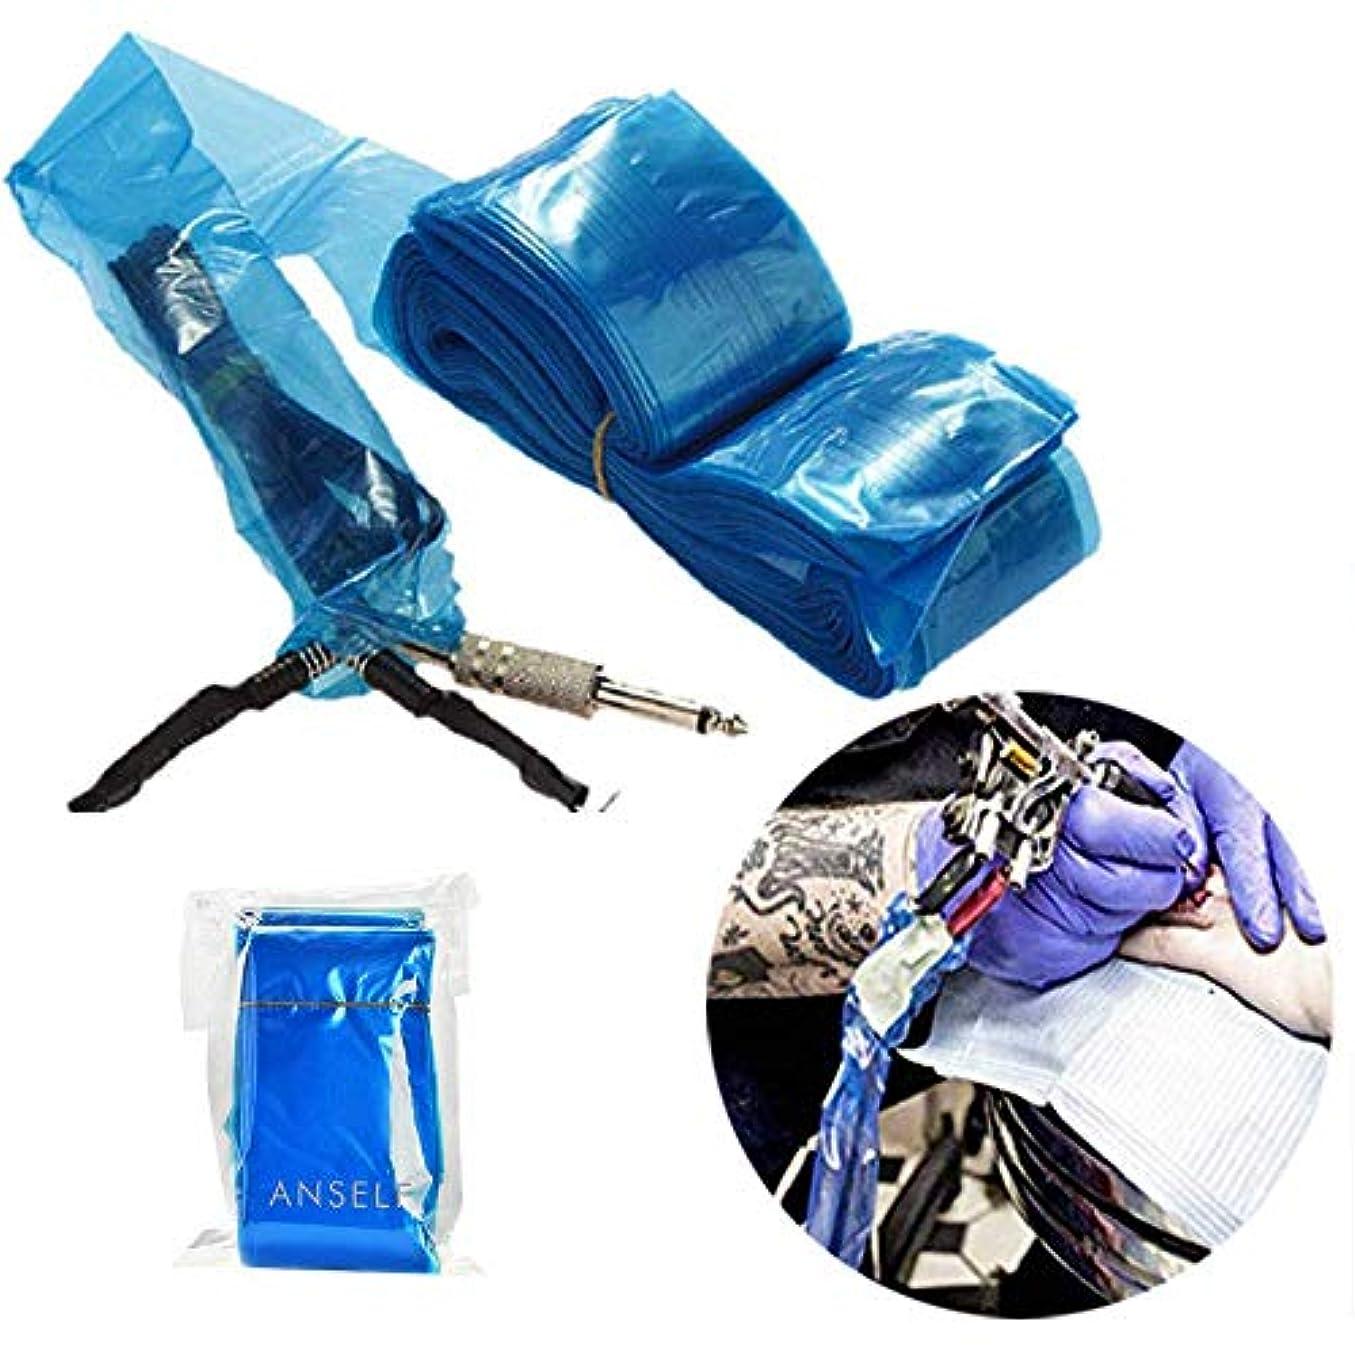 シェフ上院協定Decdeal タトゥークリップカバー タトゥー用品 タトゥーマシンプラスチック用使い捨てカバー 100Pcs